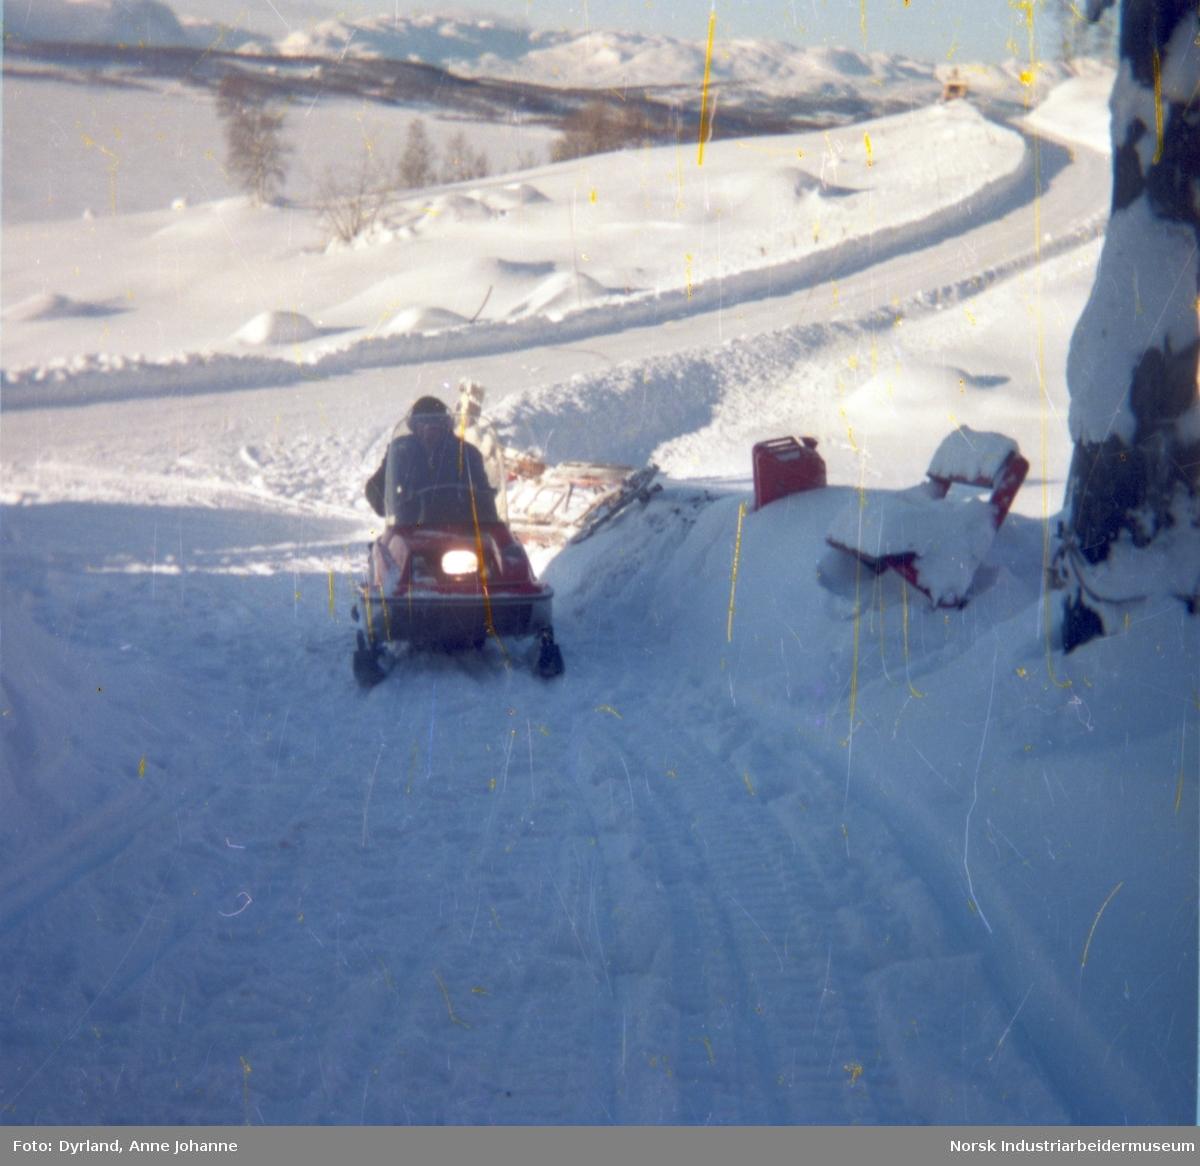 Bjørn Dyrland på snøskuter i oppkjørselen til gården Skinnarland på Møsstrond